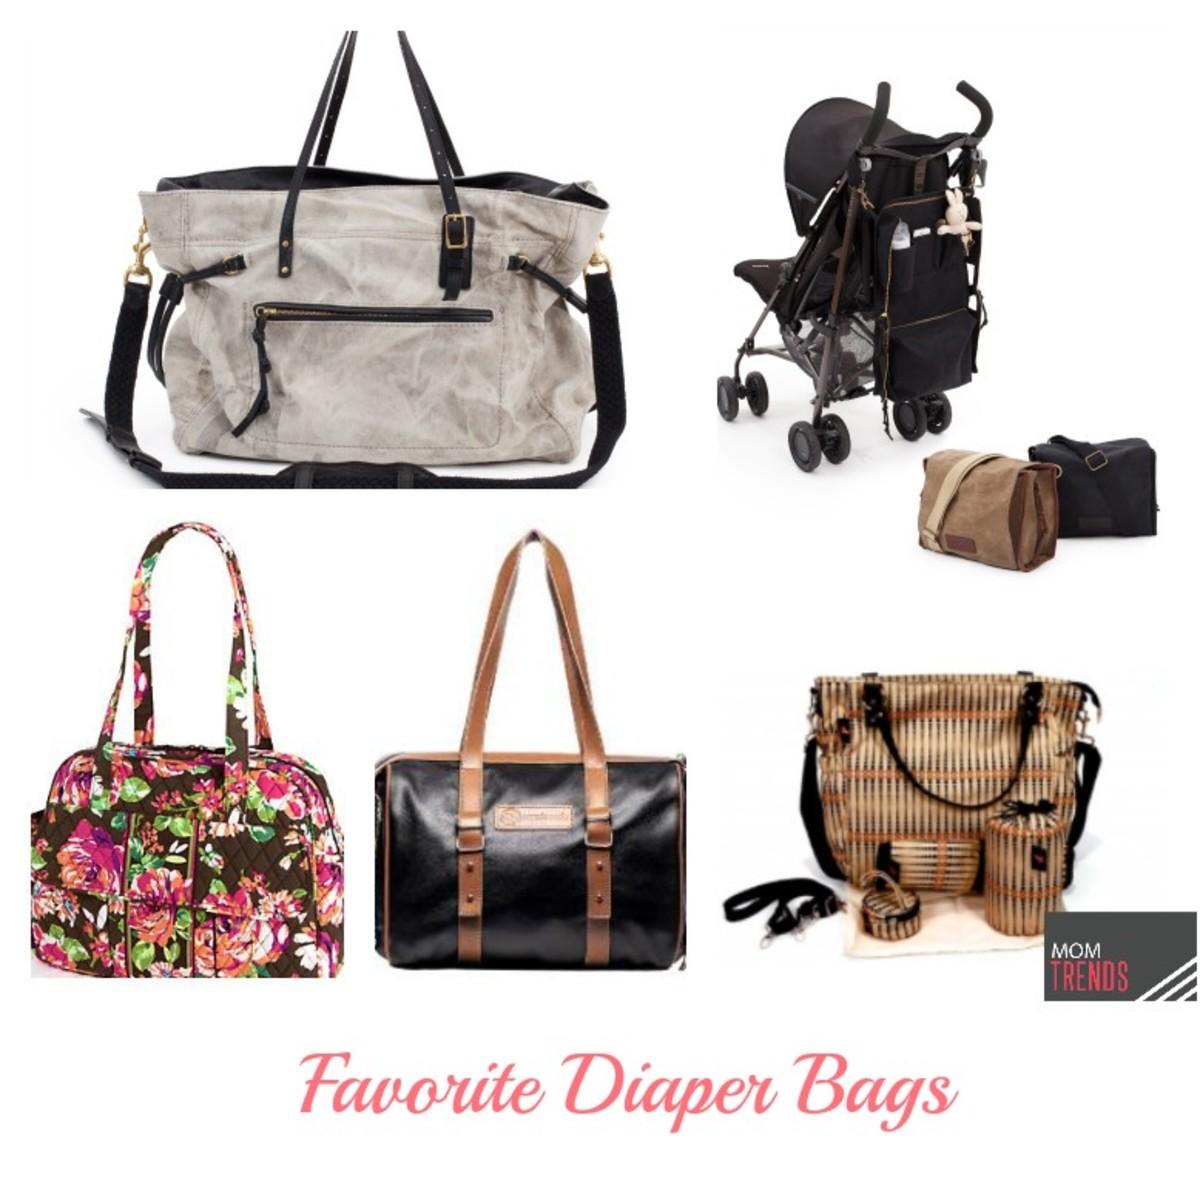 Favorite Diaper Bags